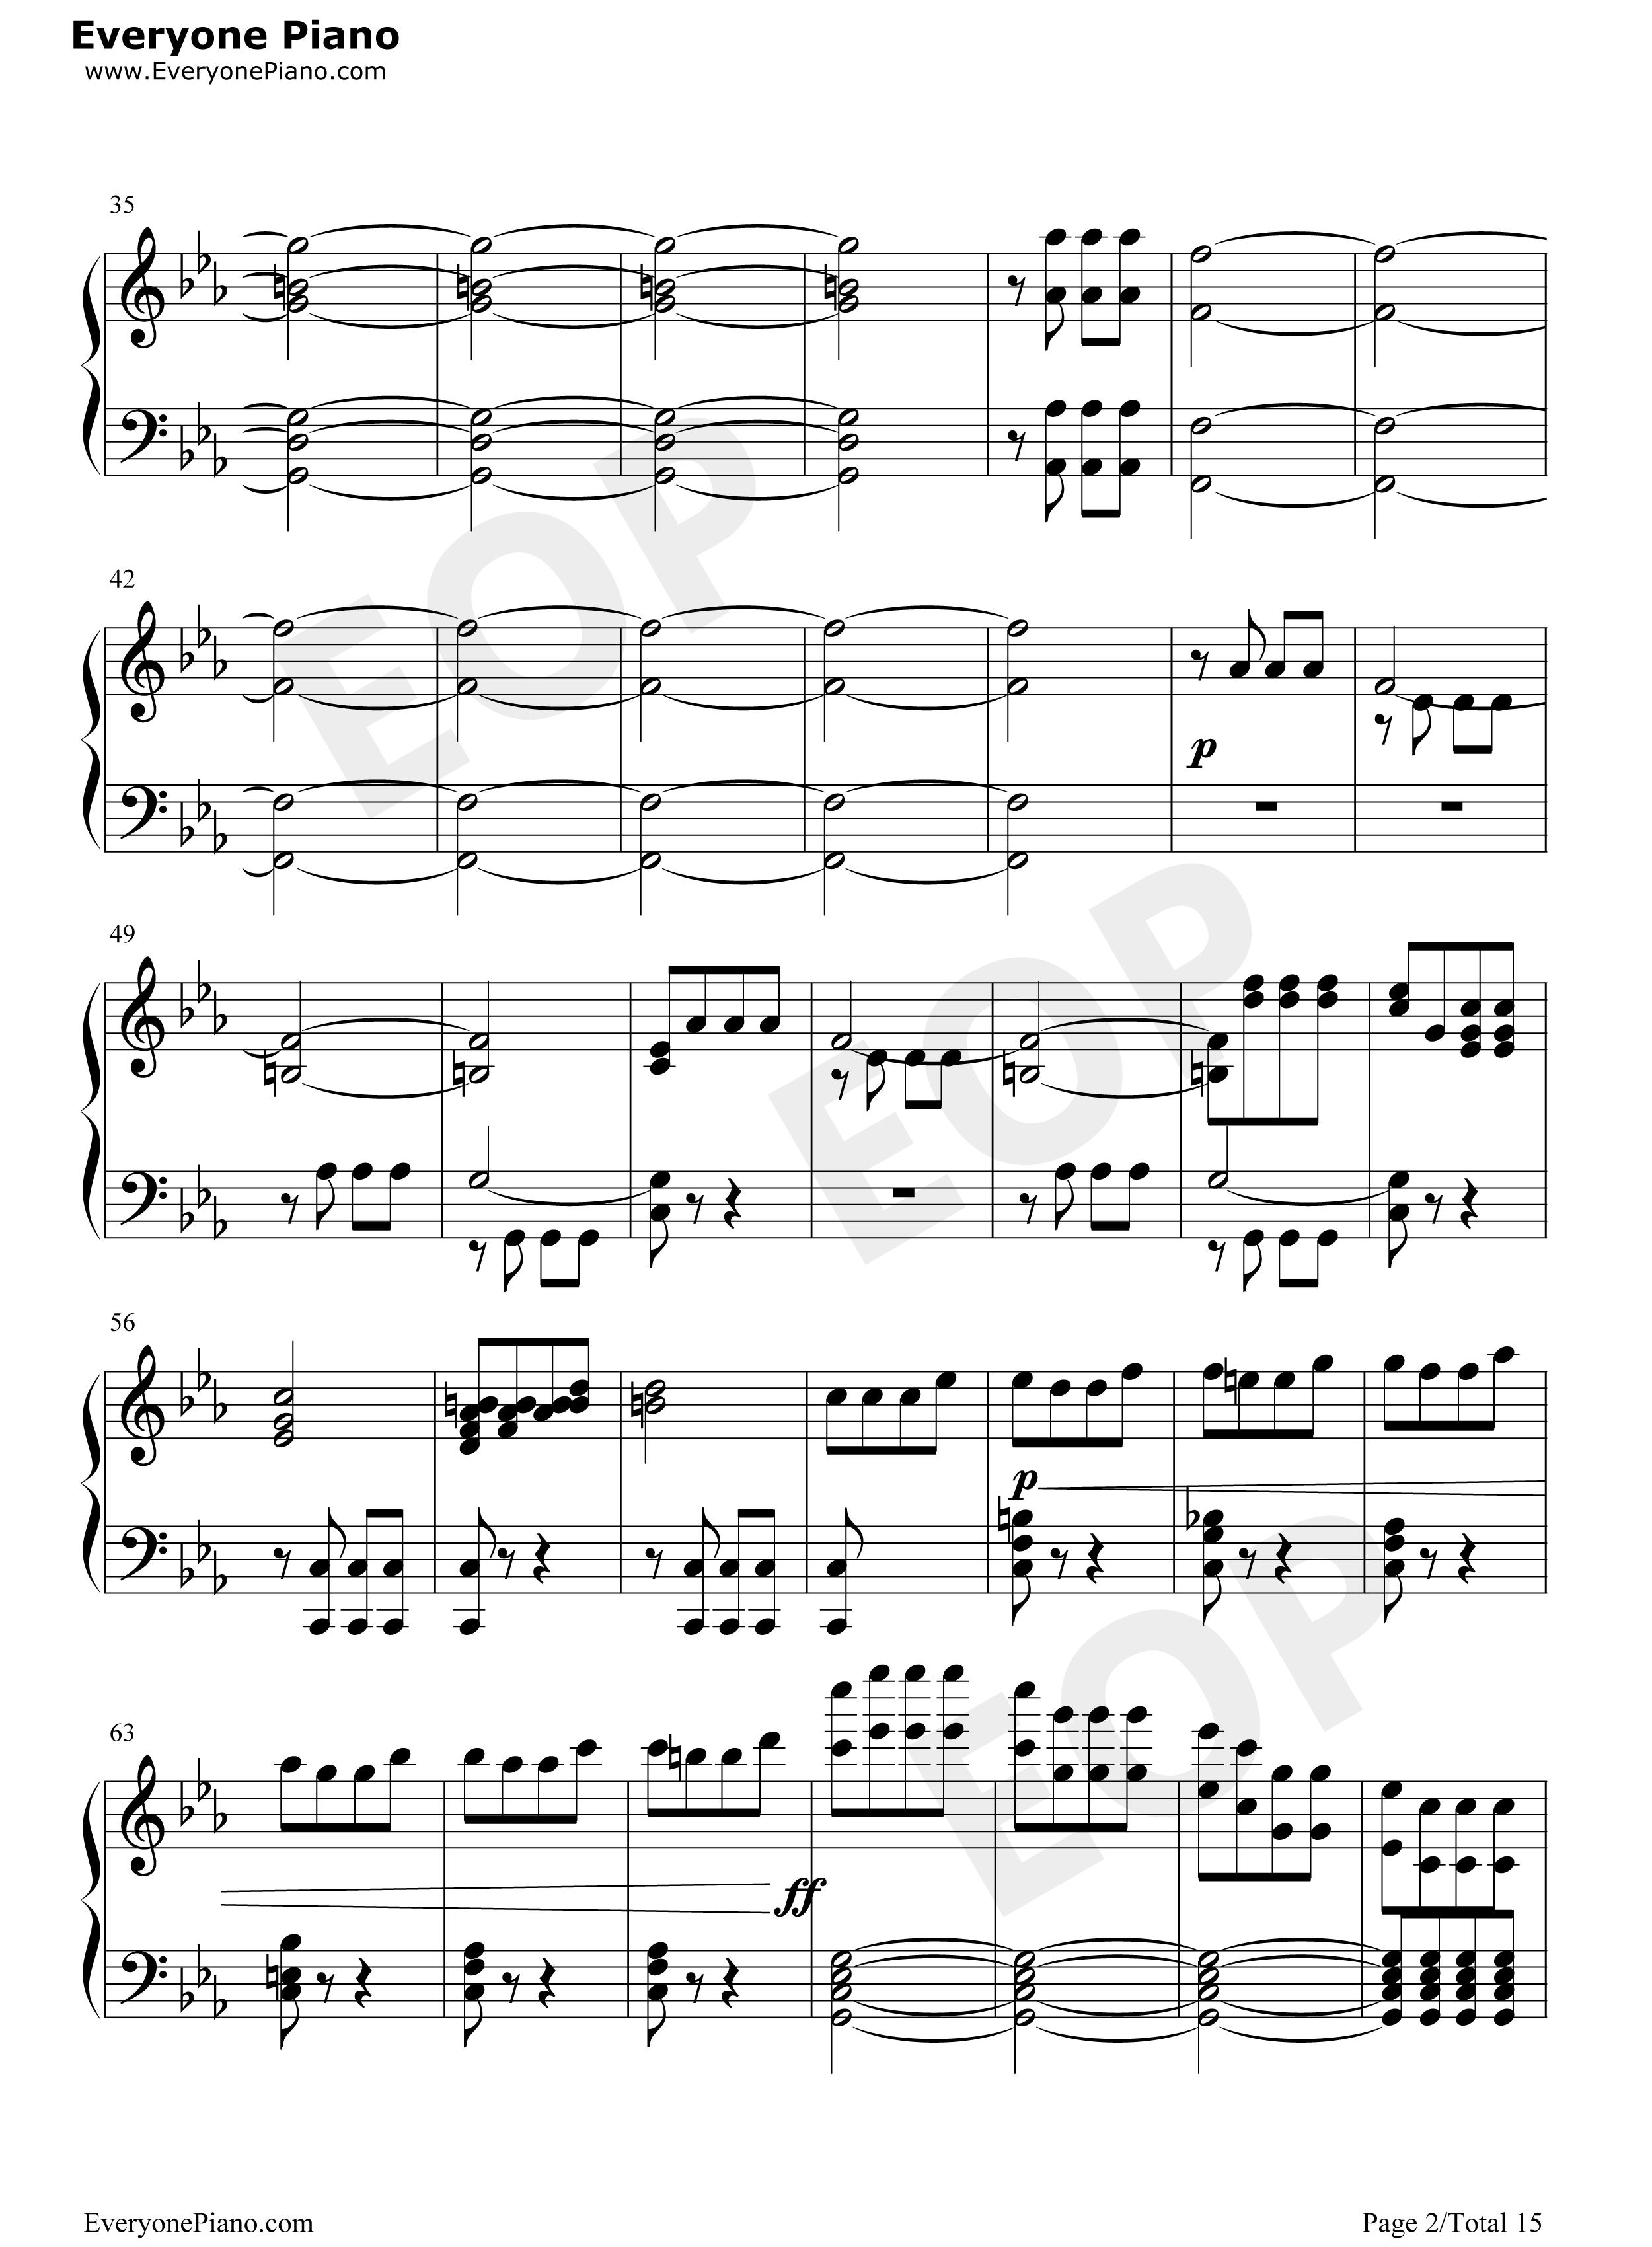 钢琴曲谱 经典 命运交响曲第一乐章 命运交响曲第一乐章五线谱预览2